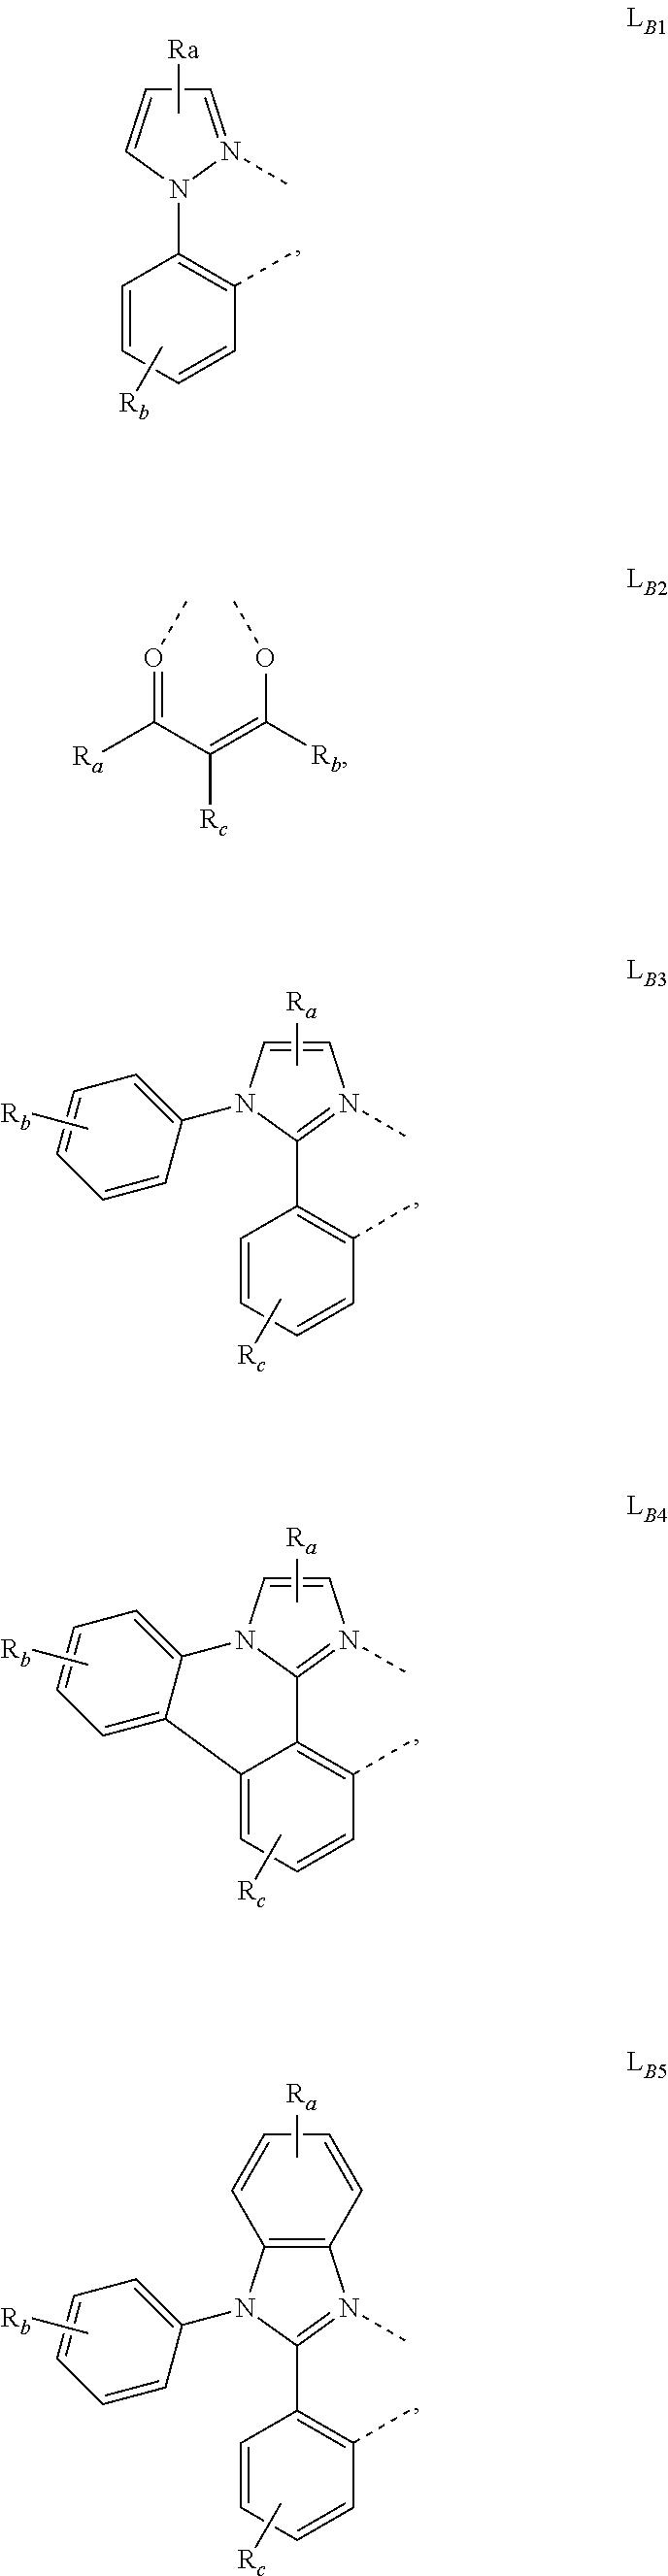 Figure US10121975-20181106-C00008